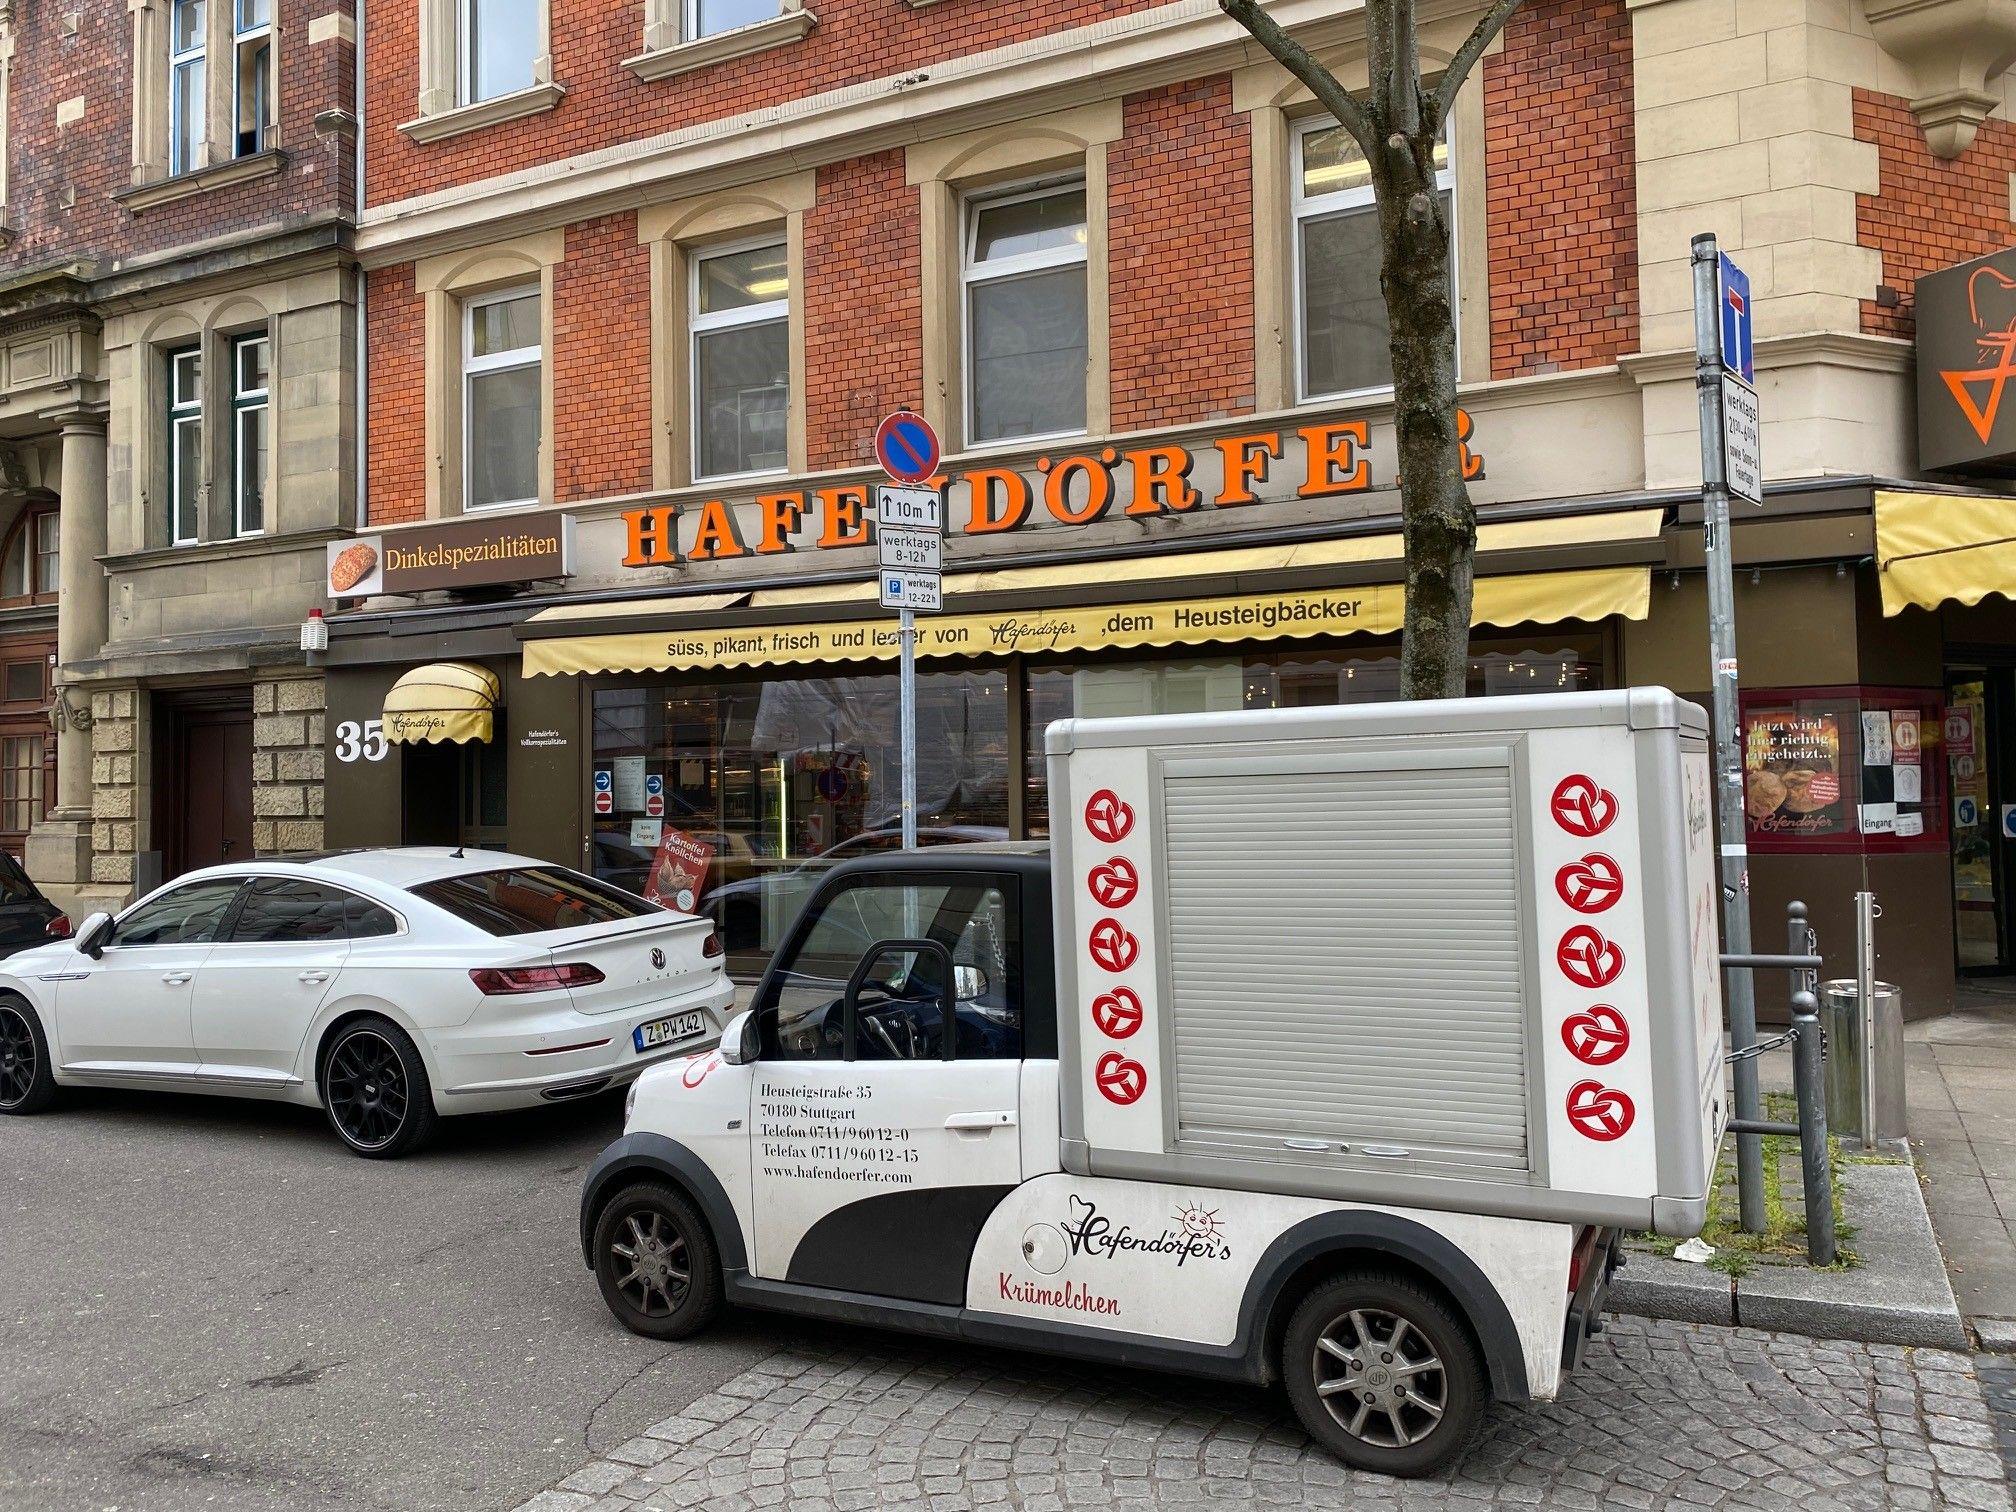 ARI 458 Bäckerei Hafendörfer.jpg